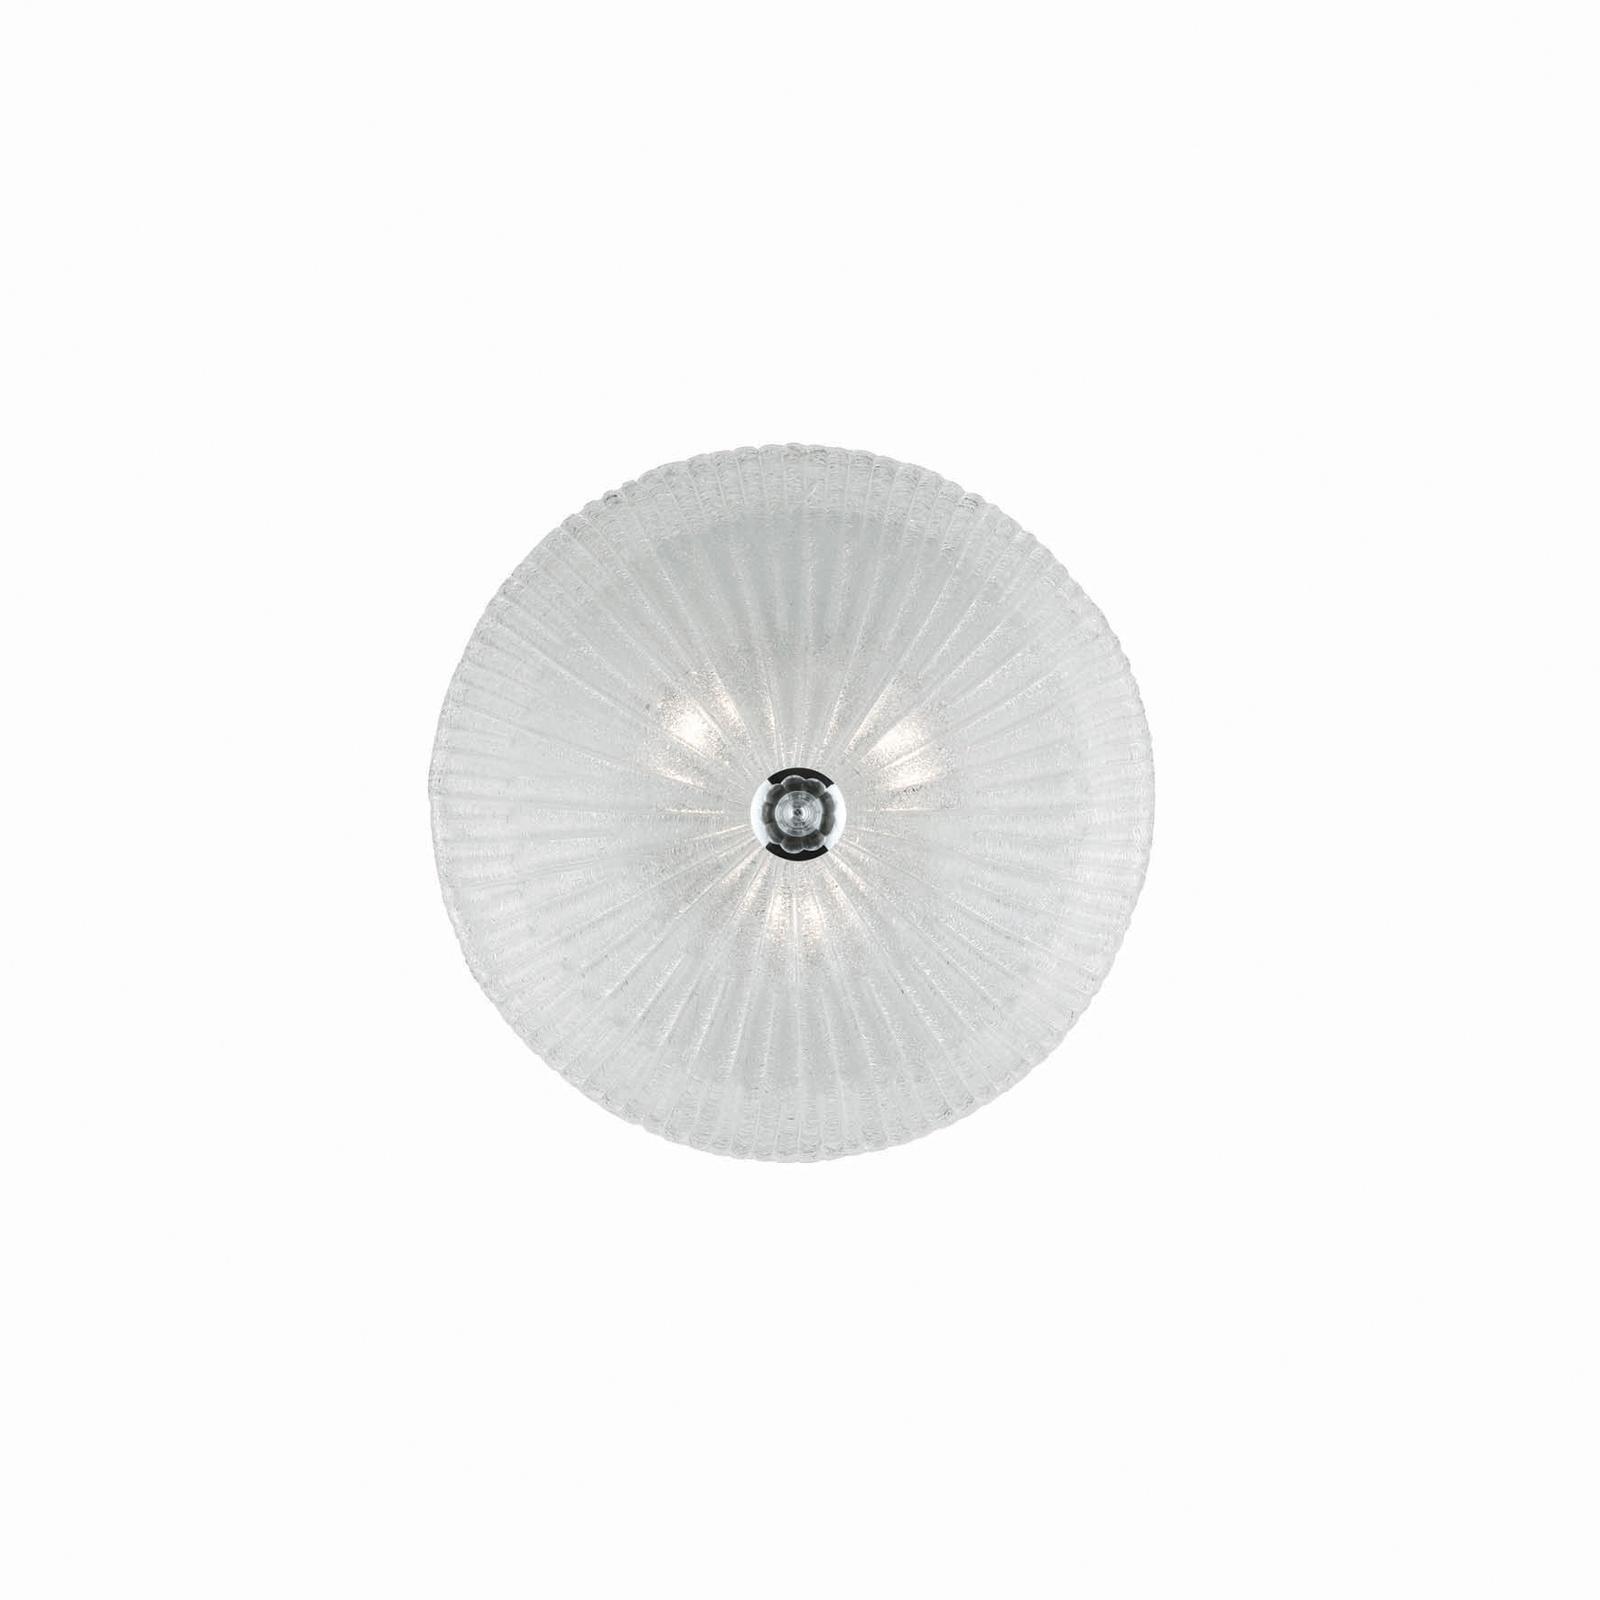 Фото - Потолочный светильник Ideal Lux PL3 TRASPARENTE спот ideal lux faro faro pl3